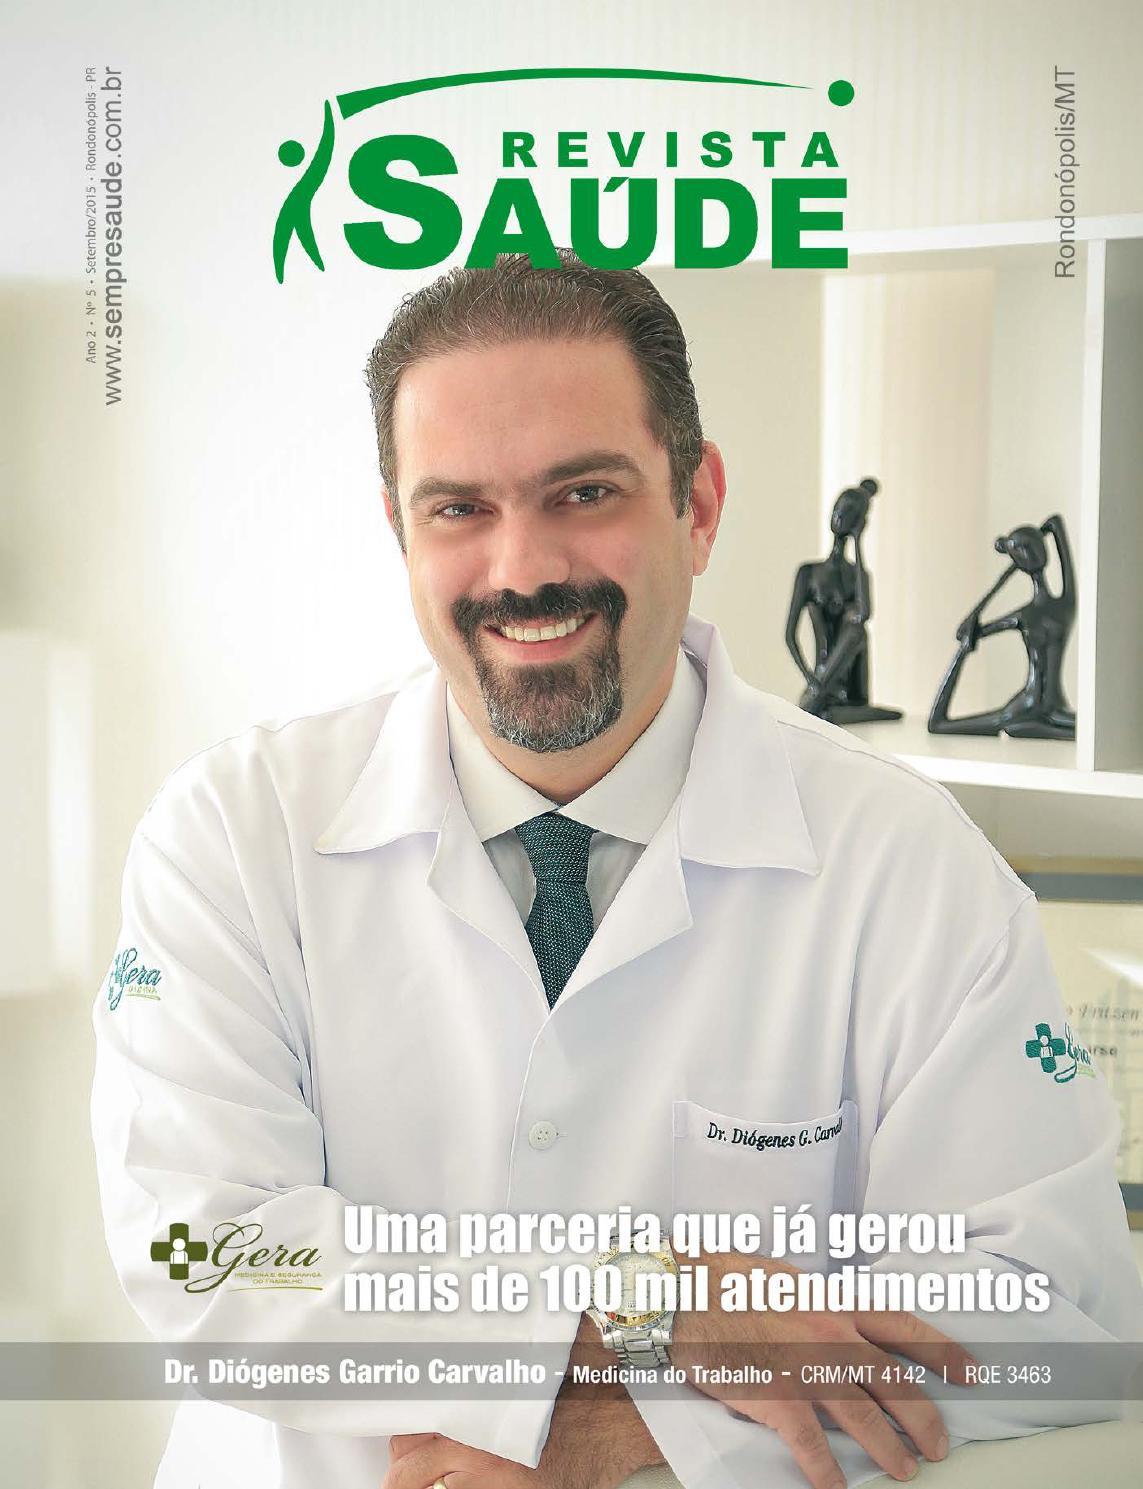 d5afba99da4 Revista Saúde Rondonópolis MG - Edição 5 - 09 2015 by Revista Saúde - issuu